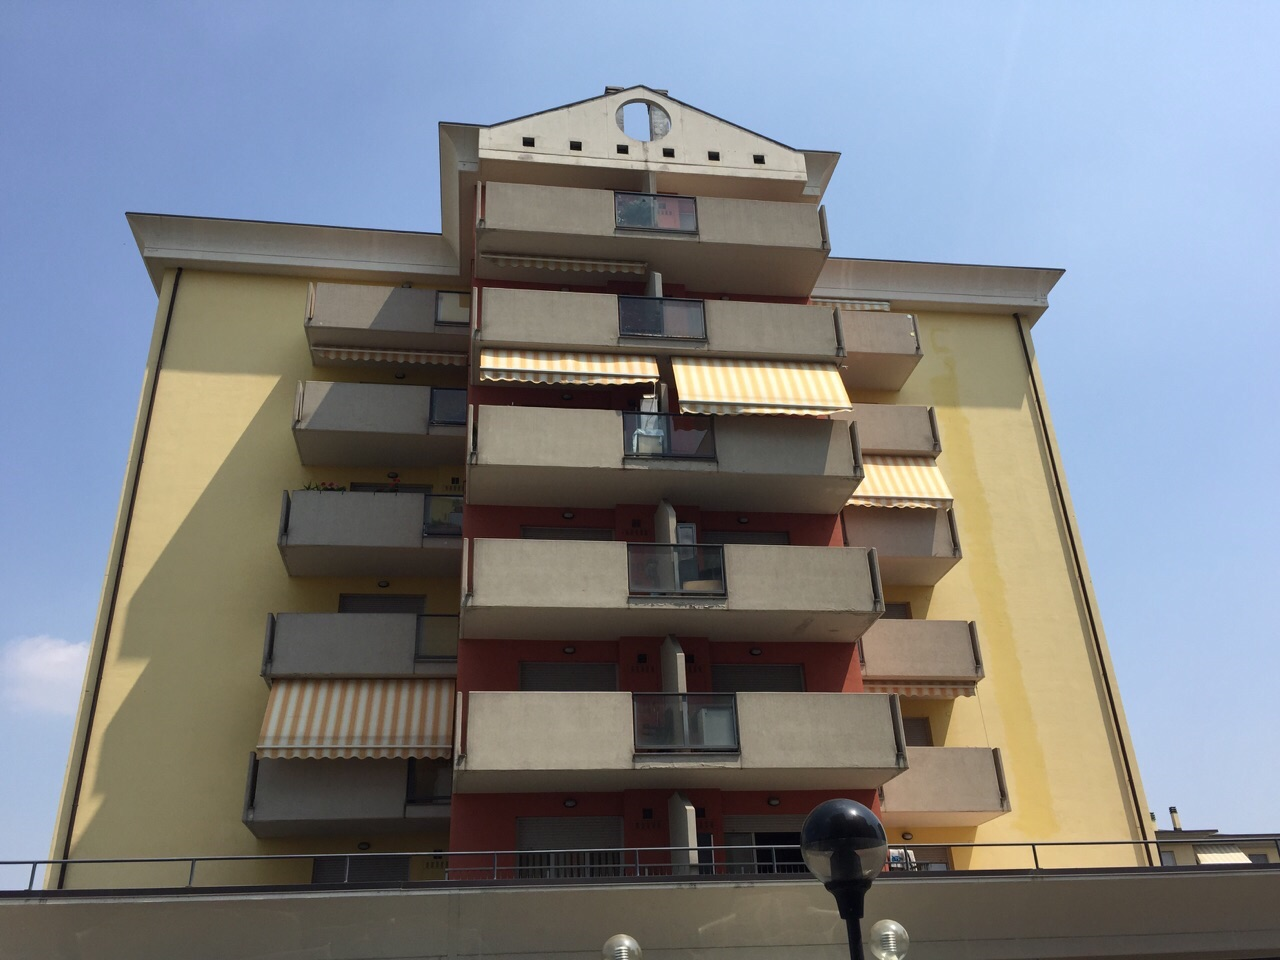 Appartamento monolocale arredato in affitto a dalmine zona for Monolocale arredato affitto